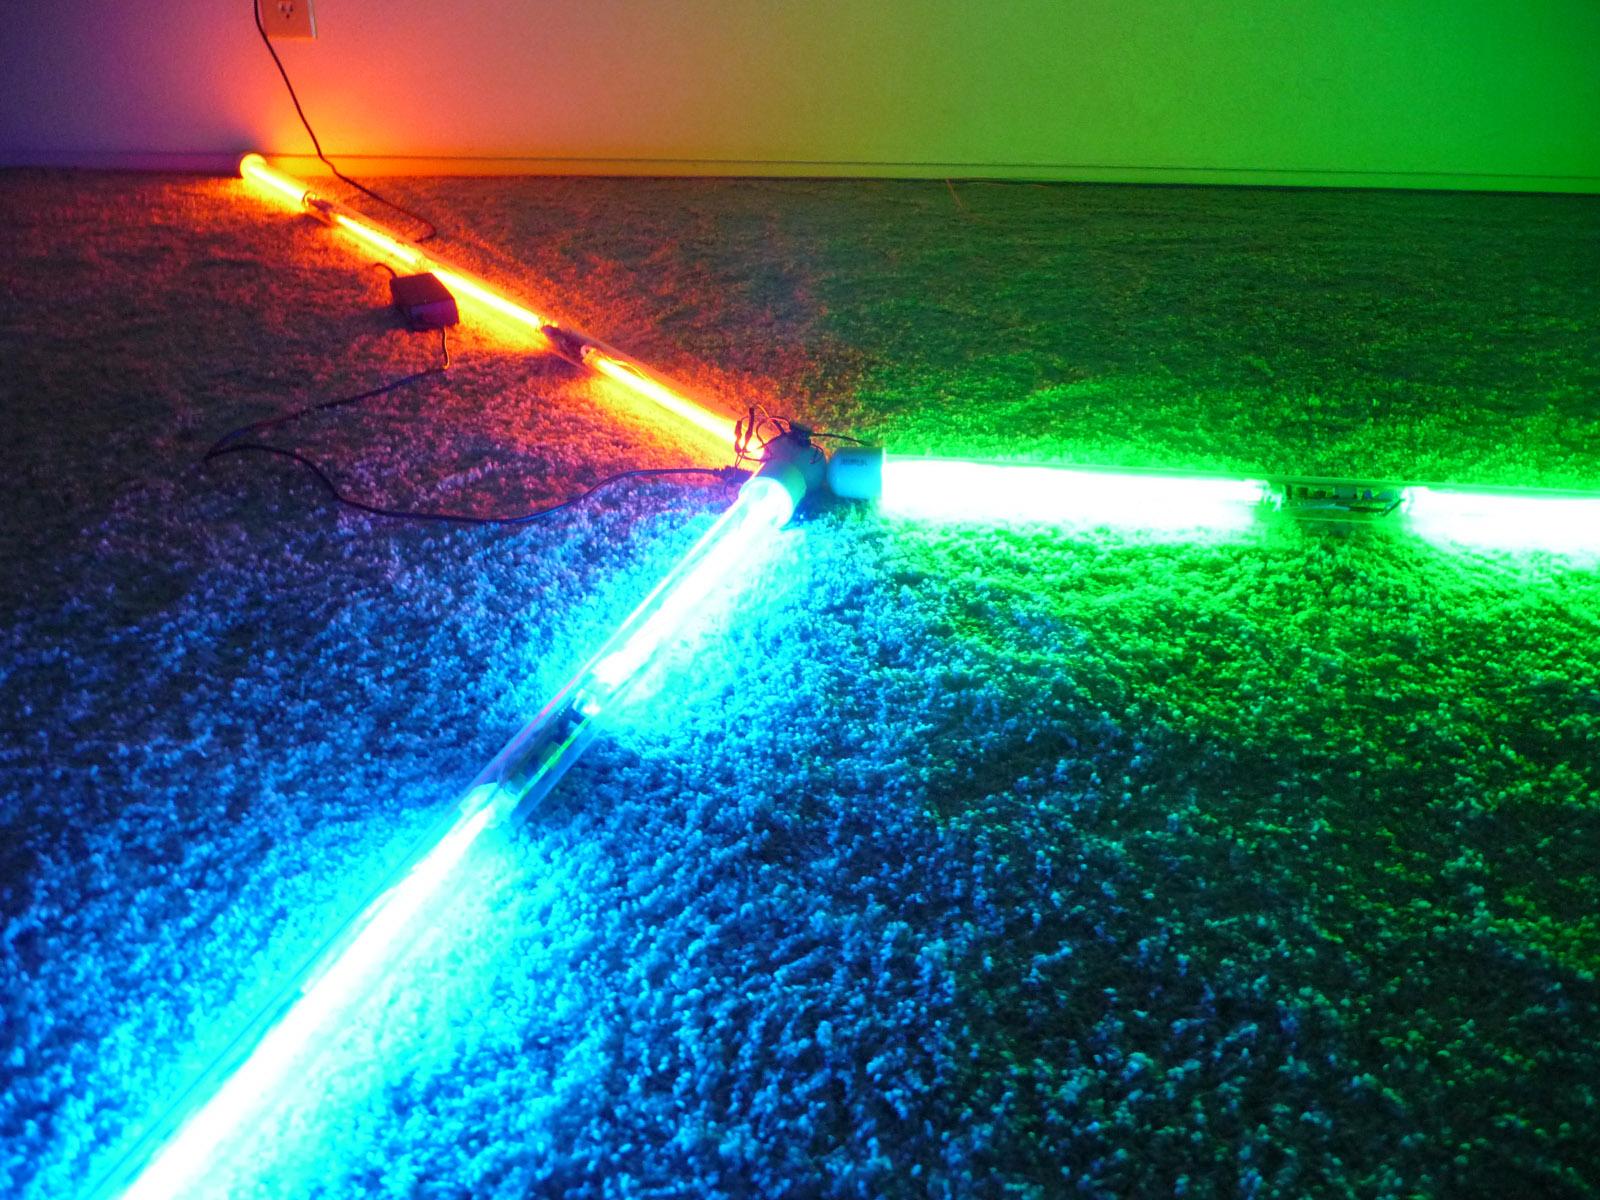 Cold Cathode Light Tube